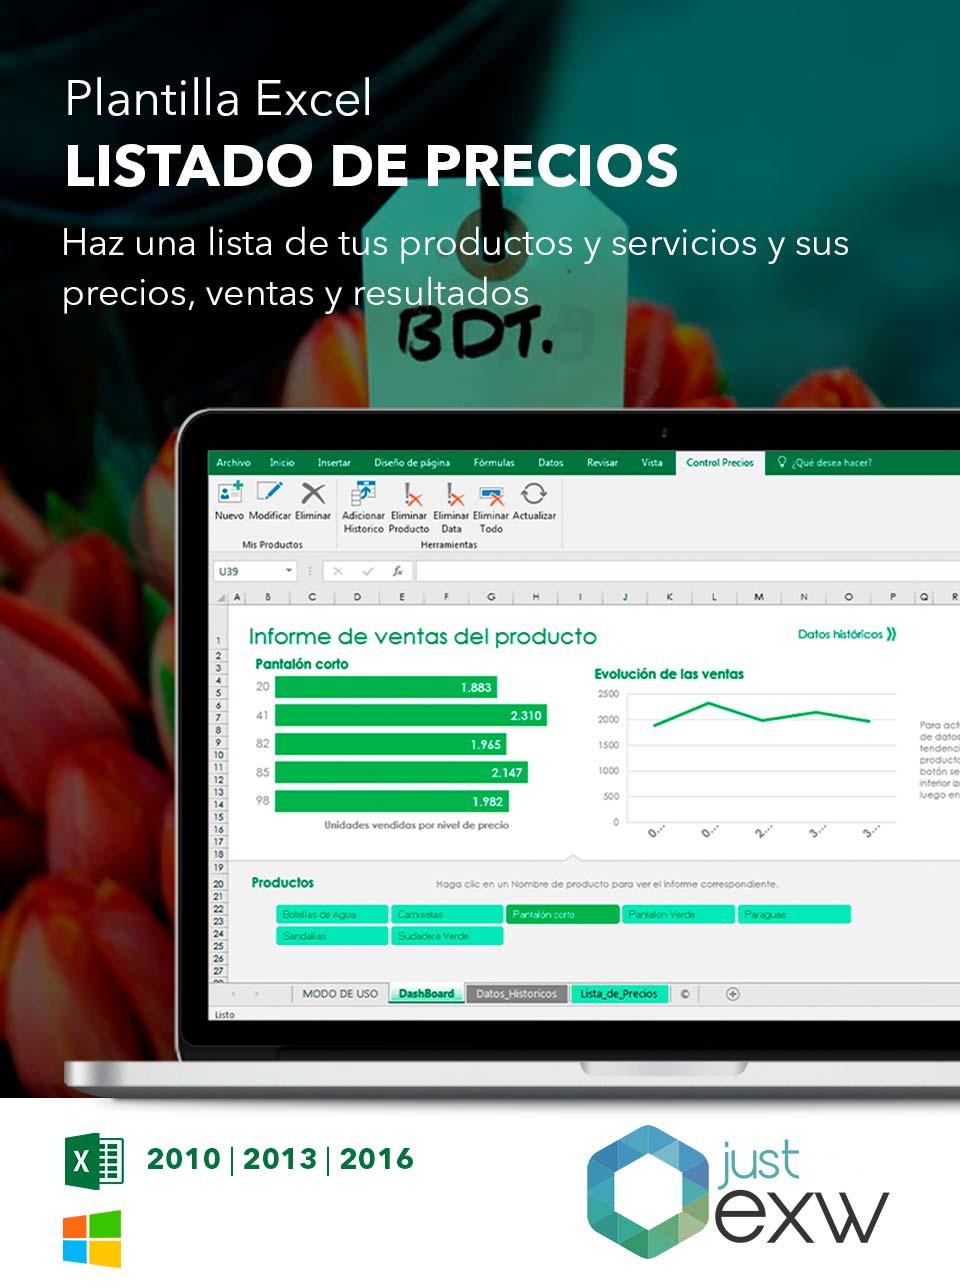 Plantilla de lista de precios en Excel | Plantilla para descargar